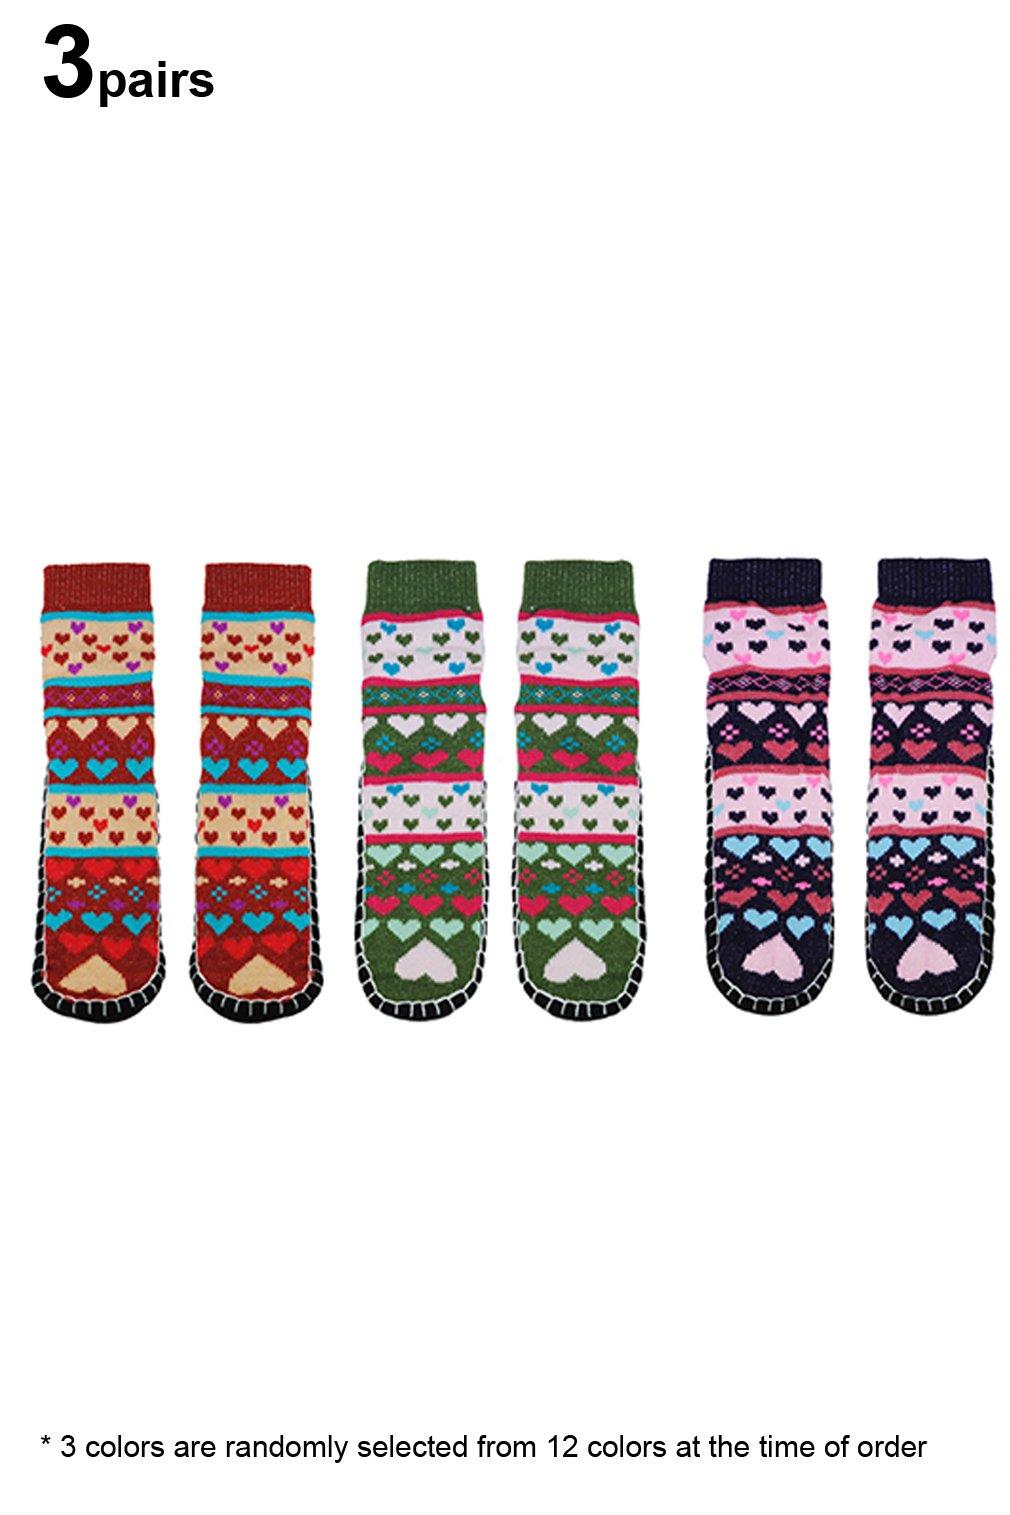 Basico Women Knitted Home Slipper Socks with NON Slip Bottom (3 Pairs Dark Assort -Heart)